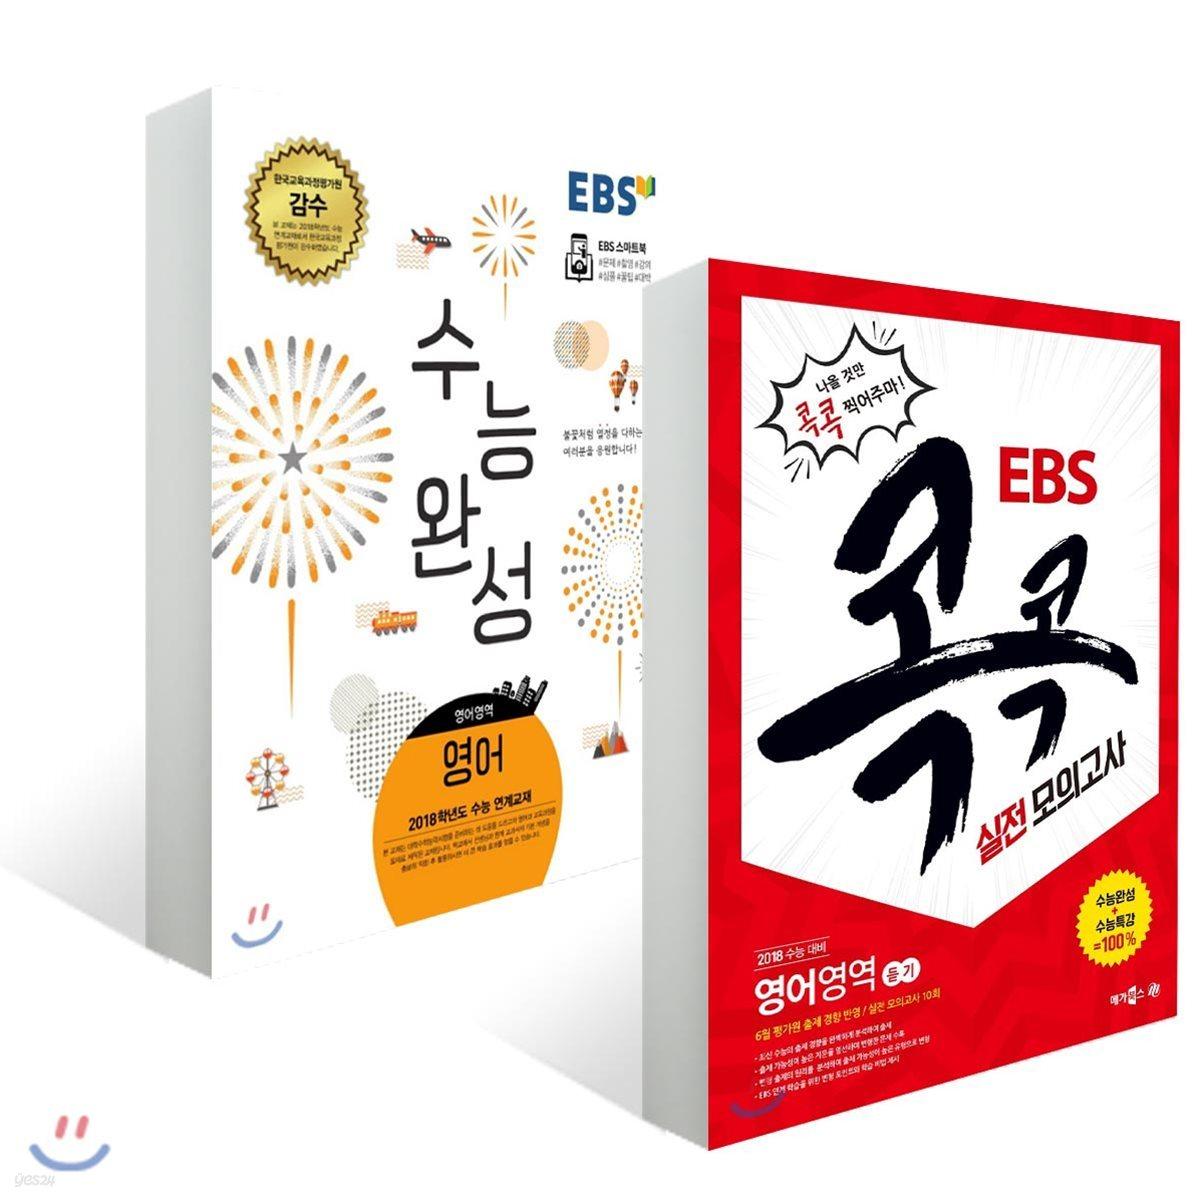 EBS 수능완성 영어영역 영어(2017년) + EBS 콕콕 실전 모의고사 영어영역 독해(2018년)